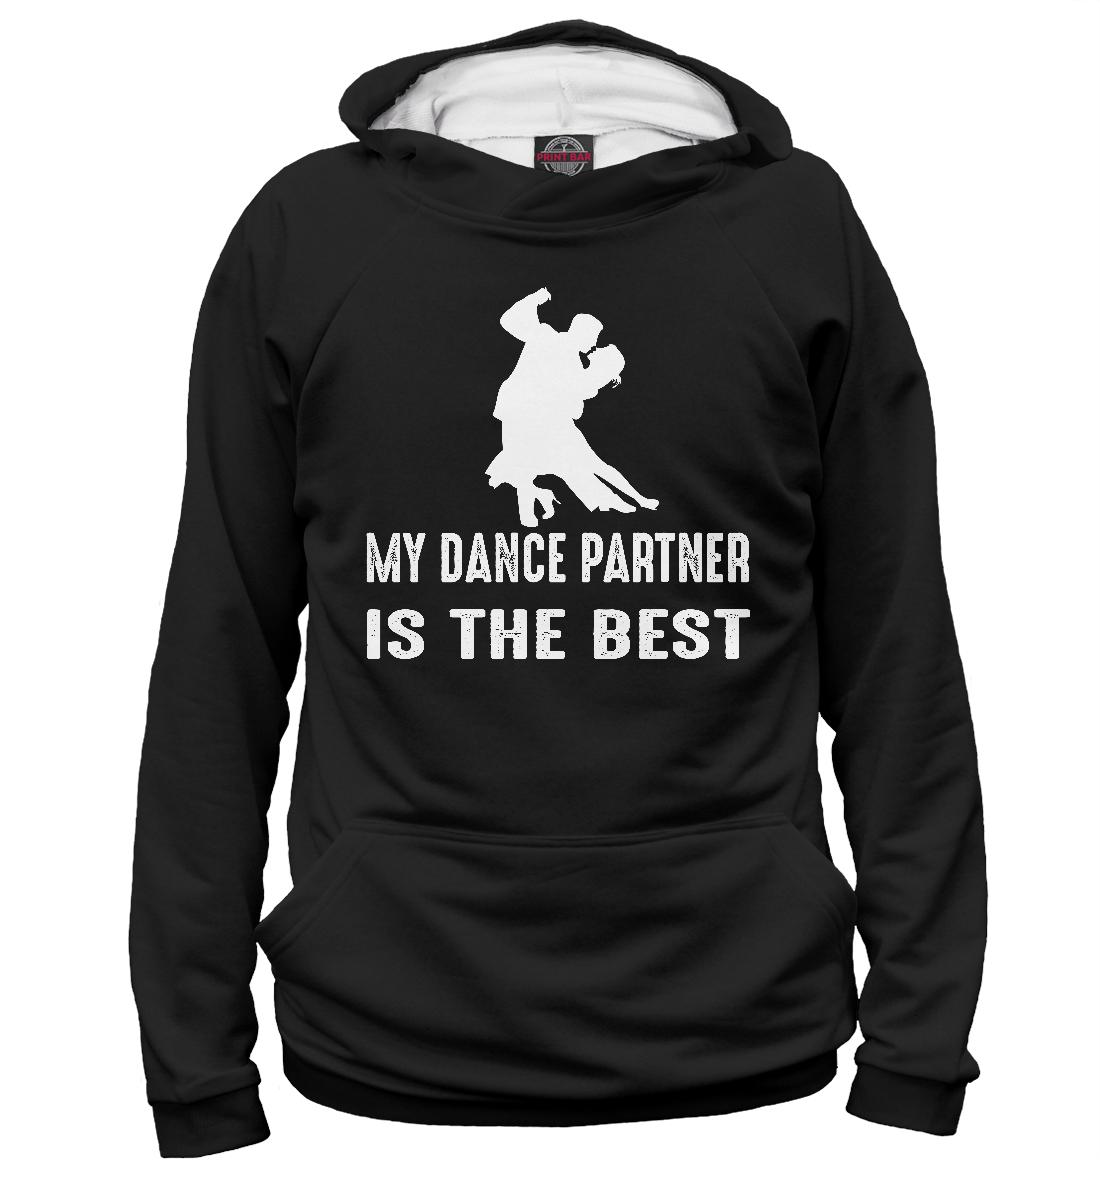 Купить Мой партнер по танцам - самый лучший, Printbar, Худи, DNC-768270-hud-1